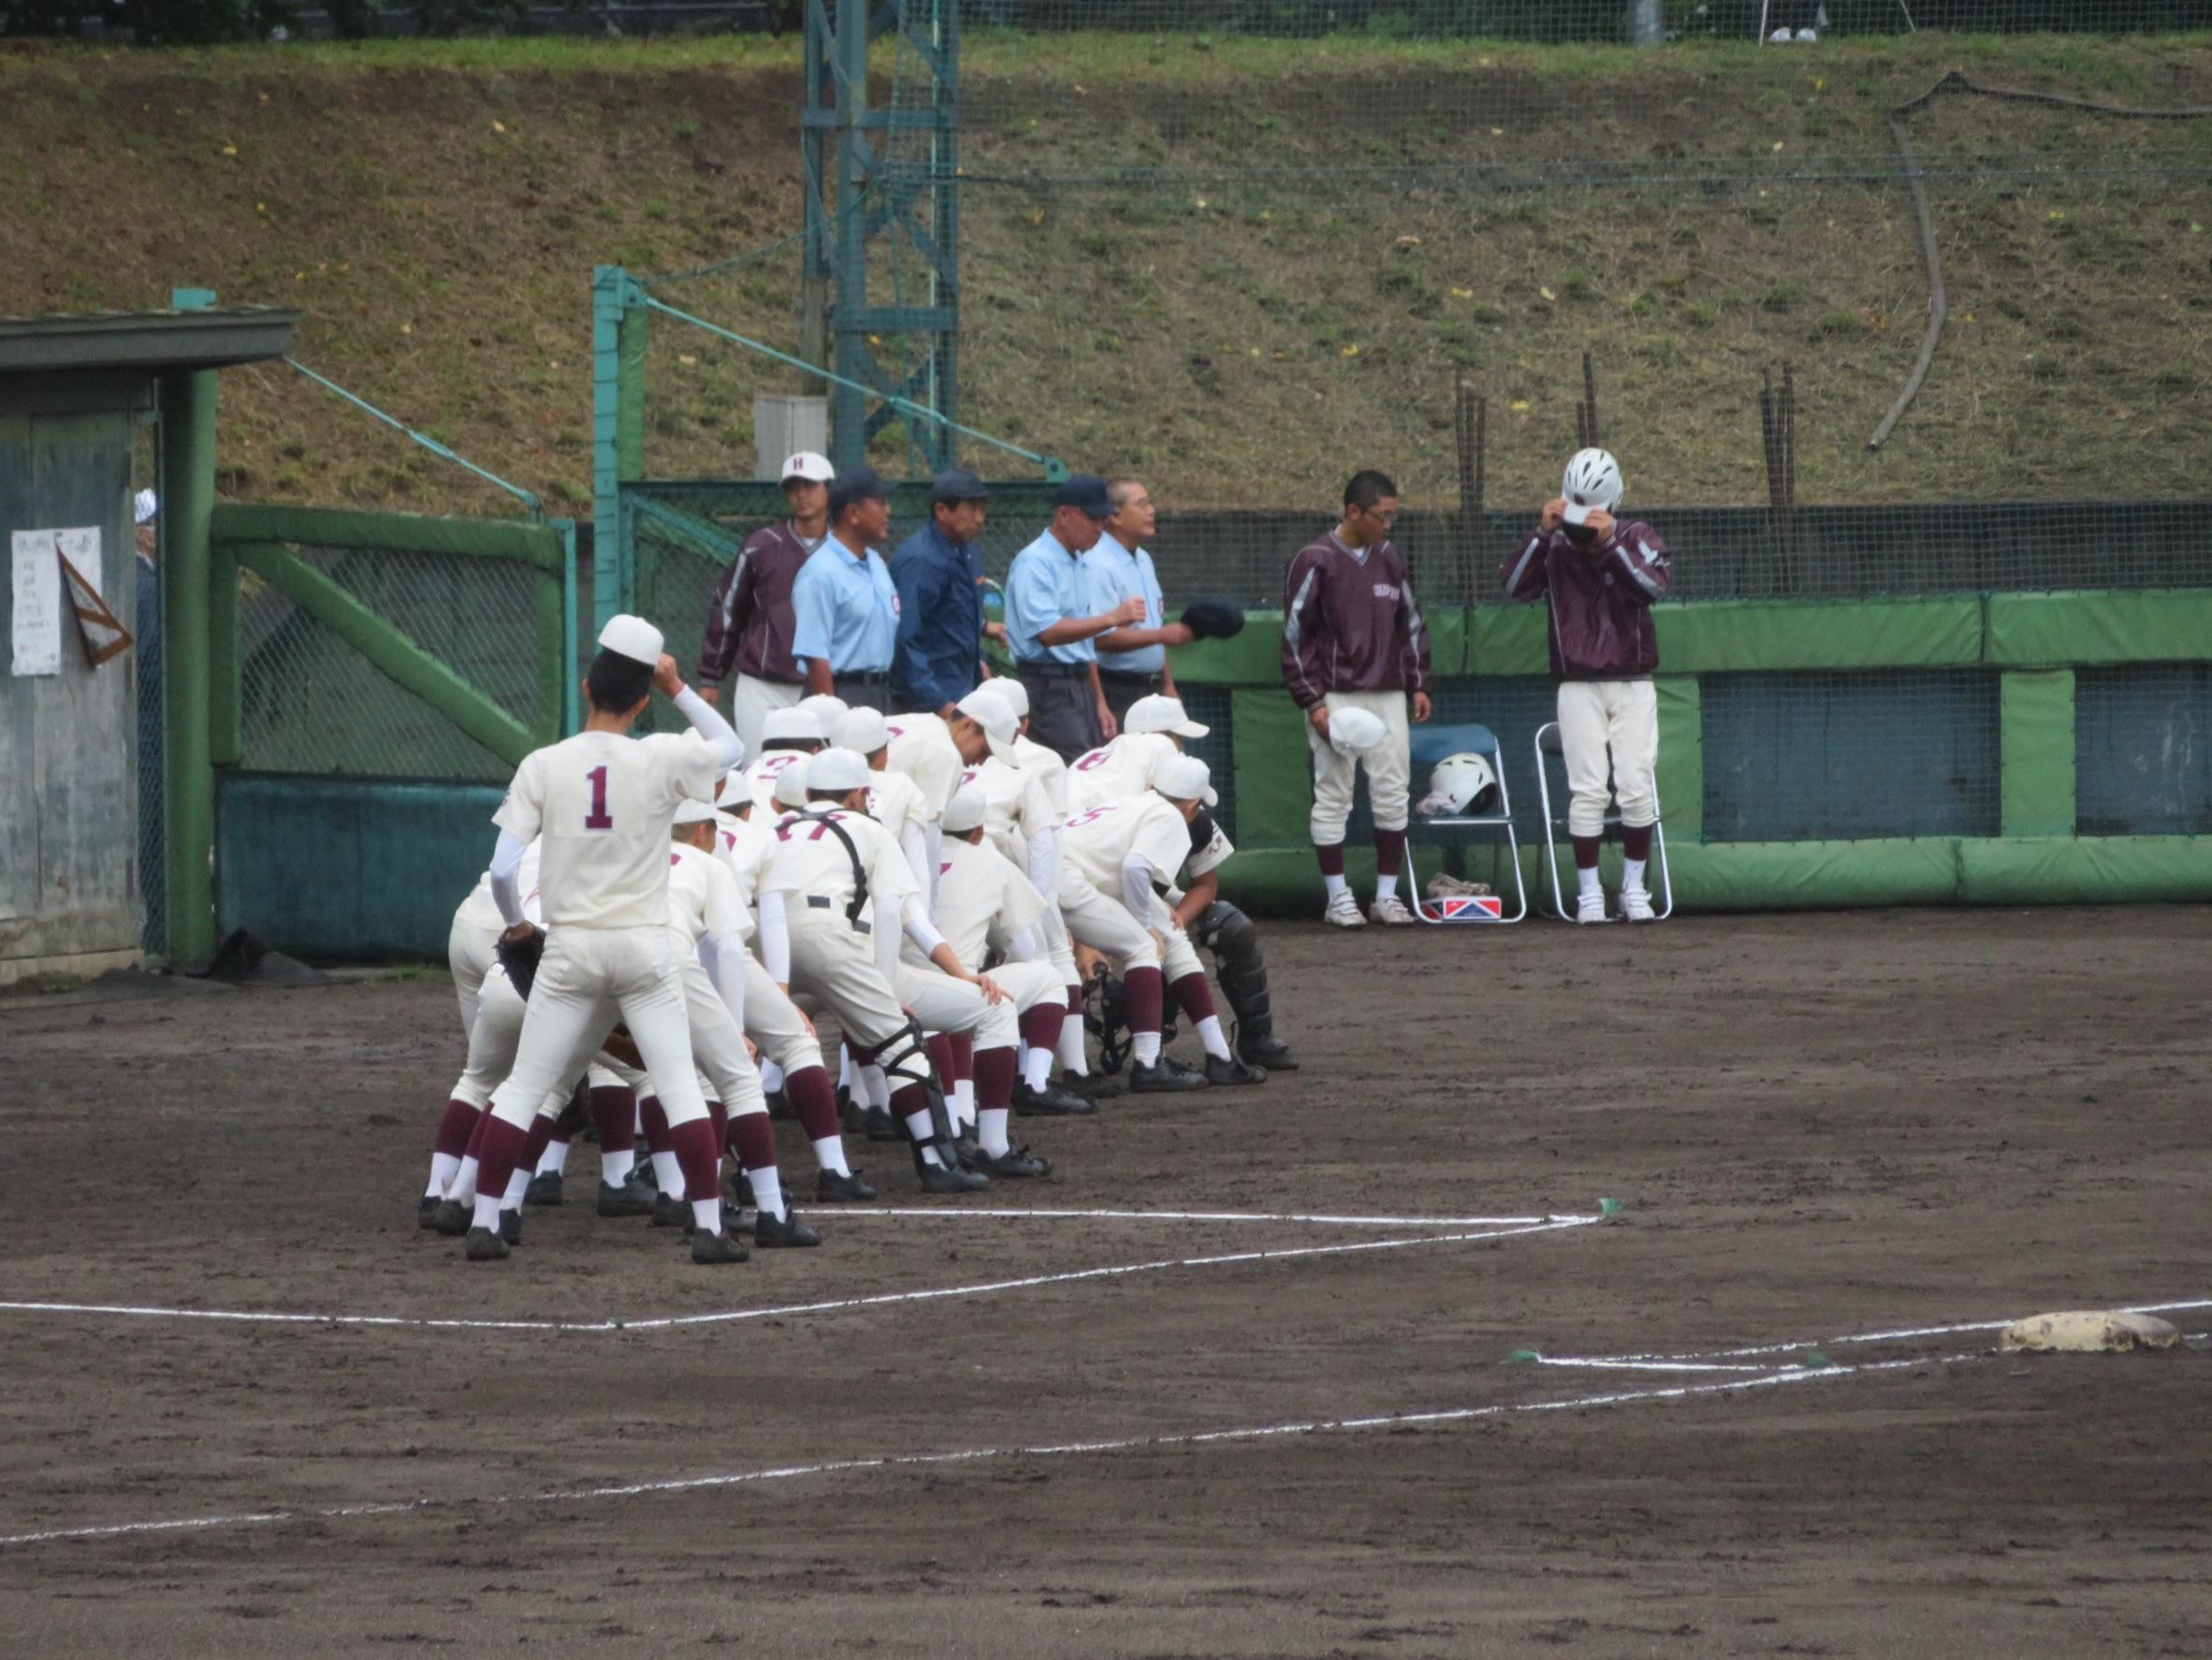 令和2年度 秋季青森県高等学校野球選手権大会 地区予選 敗者復活戦 対 ウルスラ